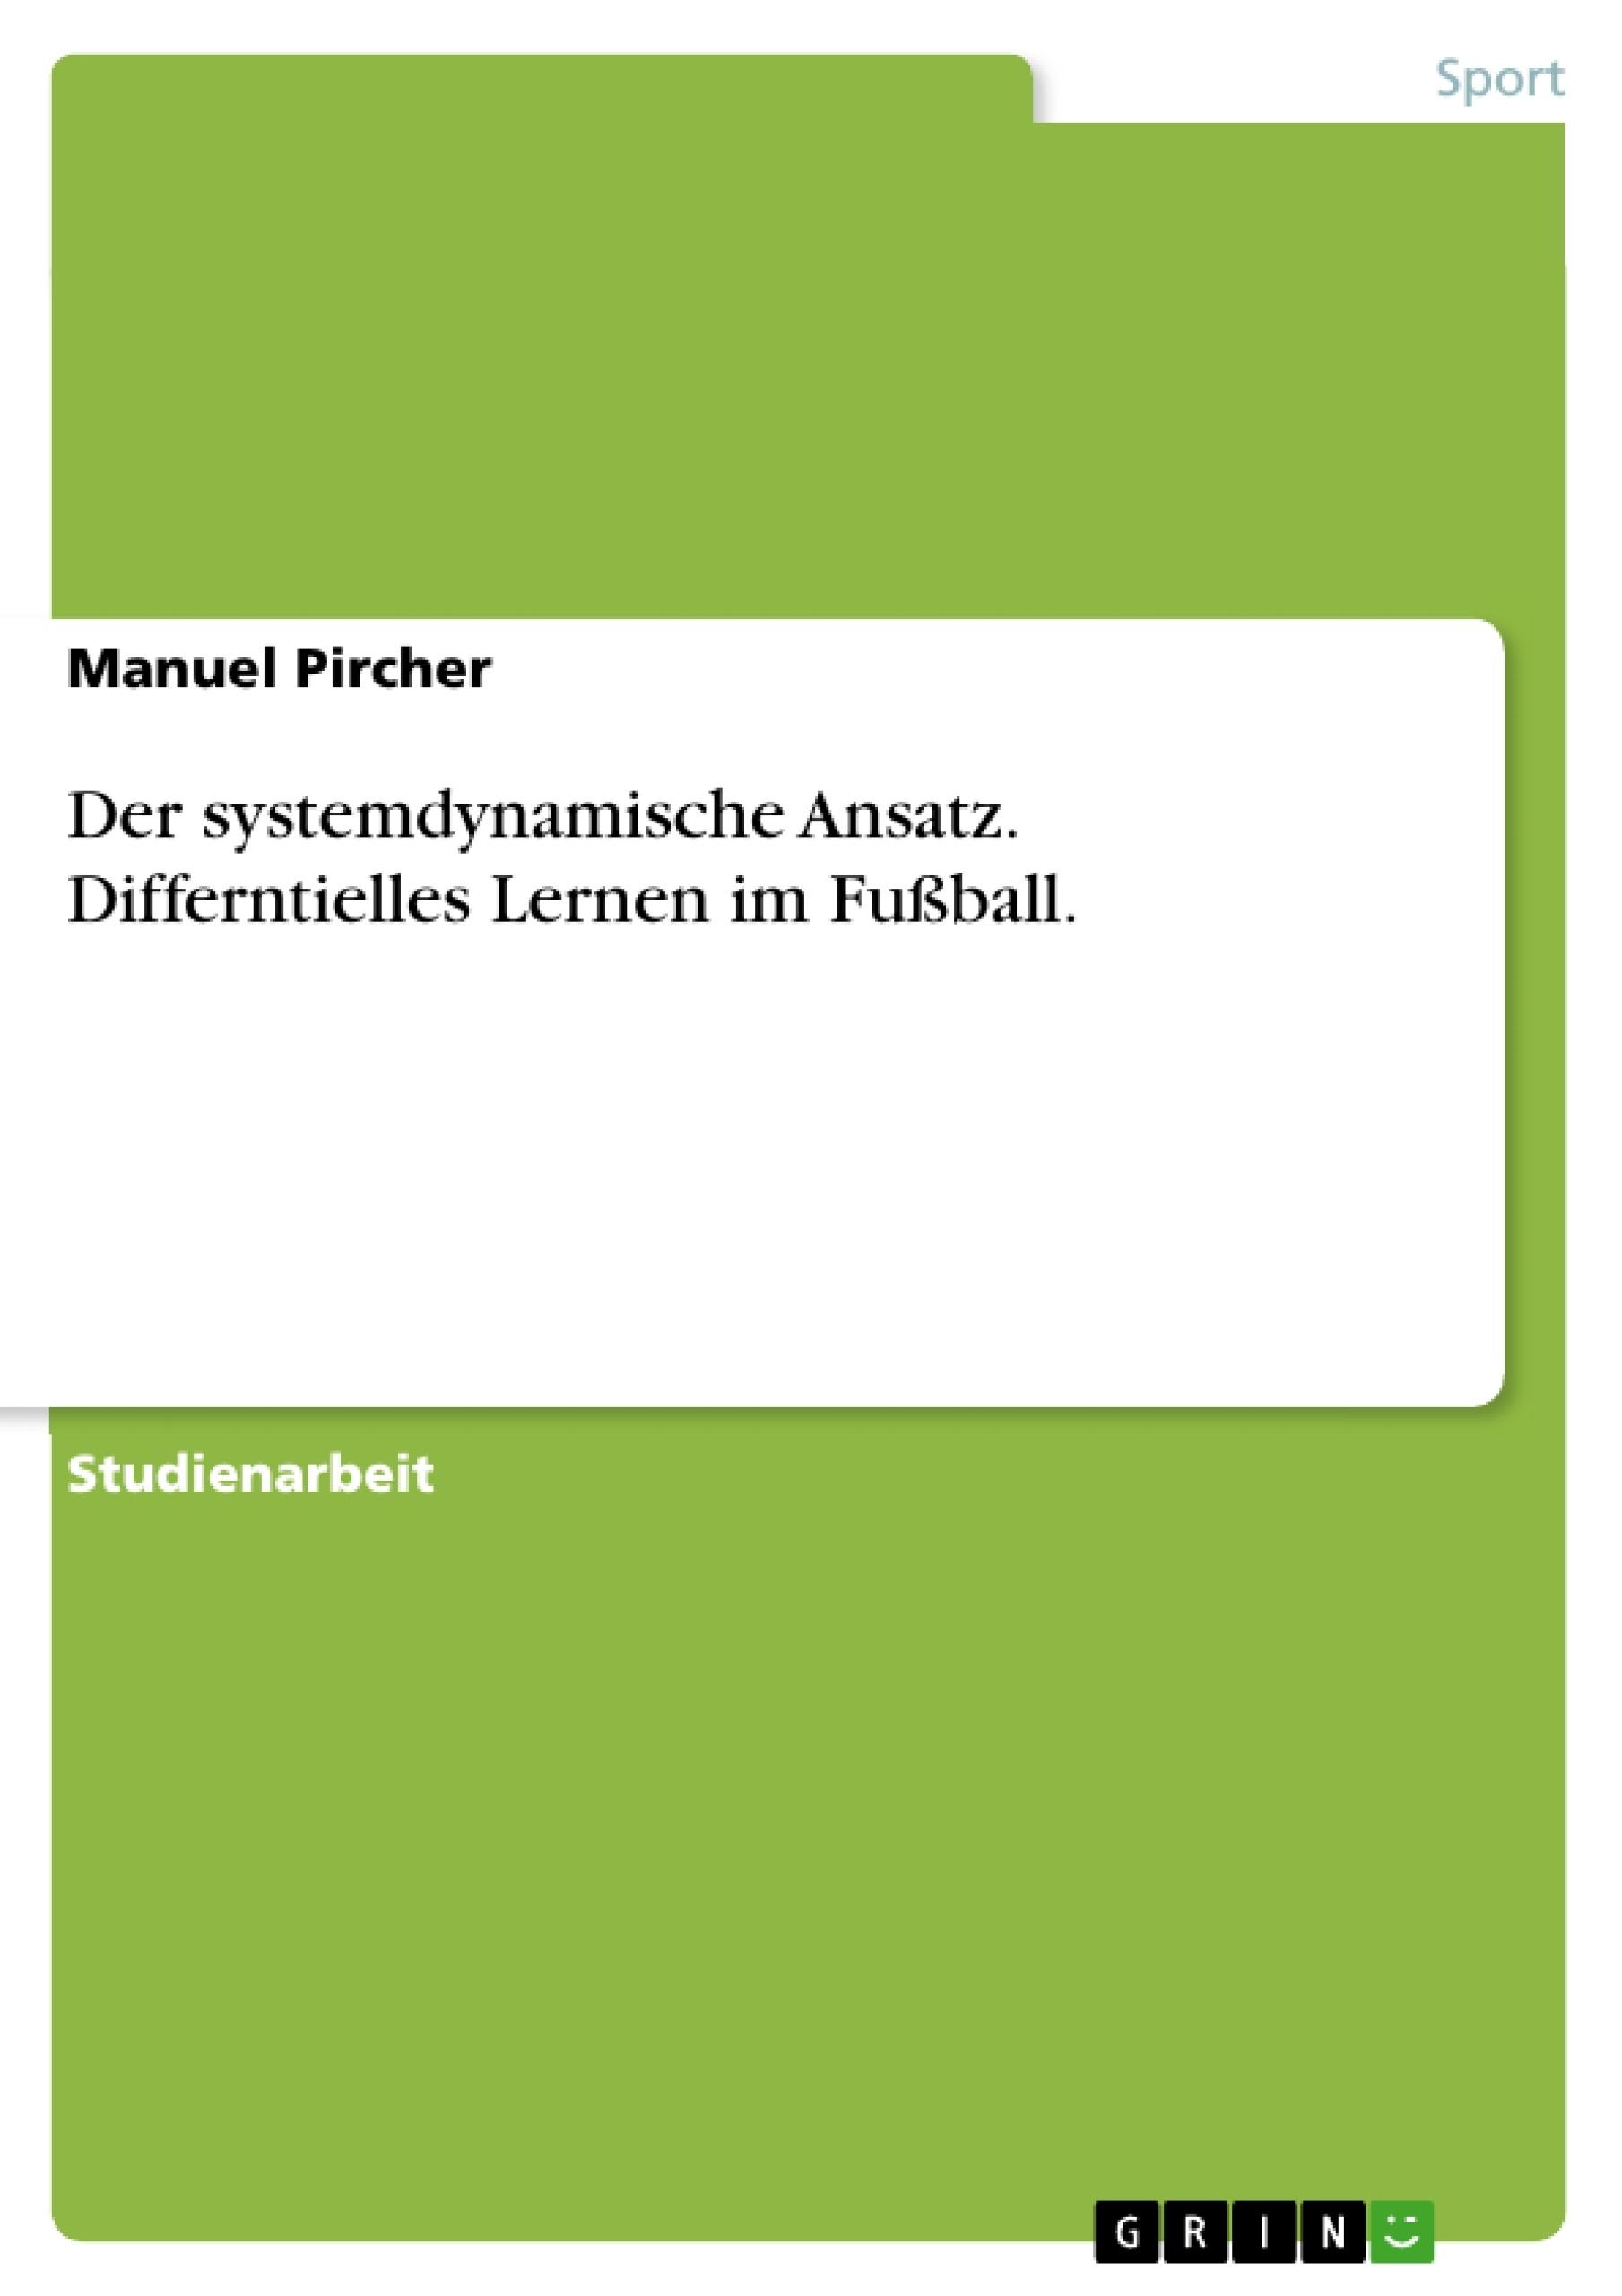 Titel: Der systemdynamische Ansatz. Differntielles Lernen im Fußball.